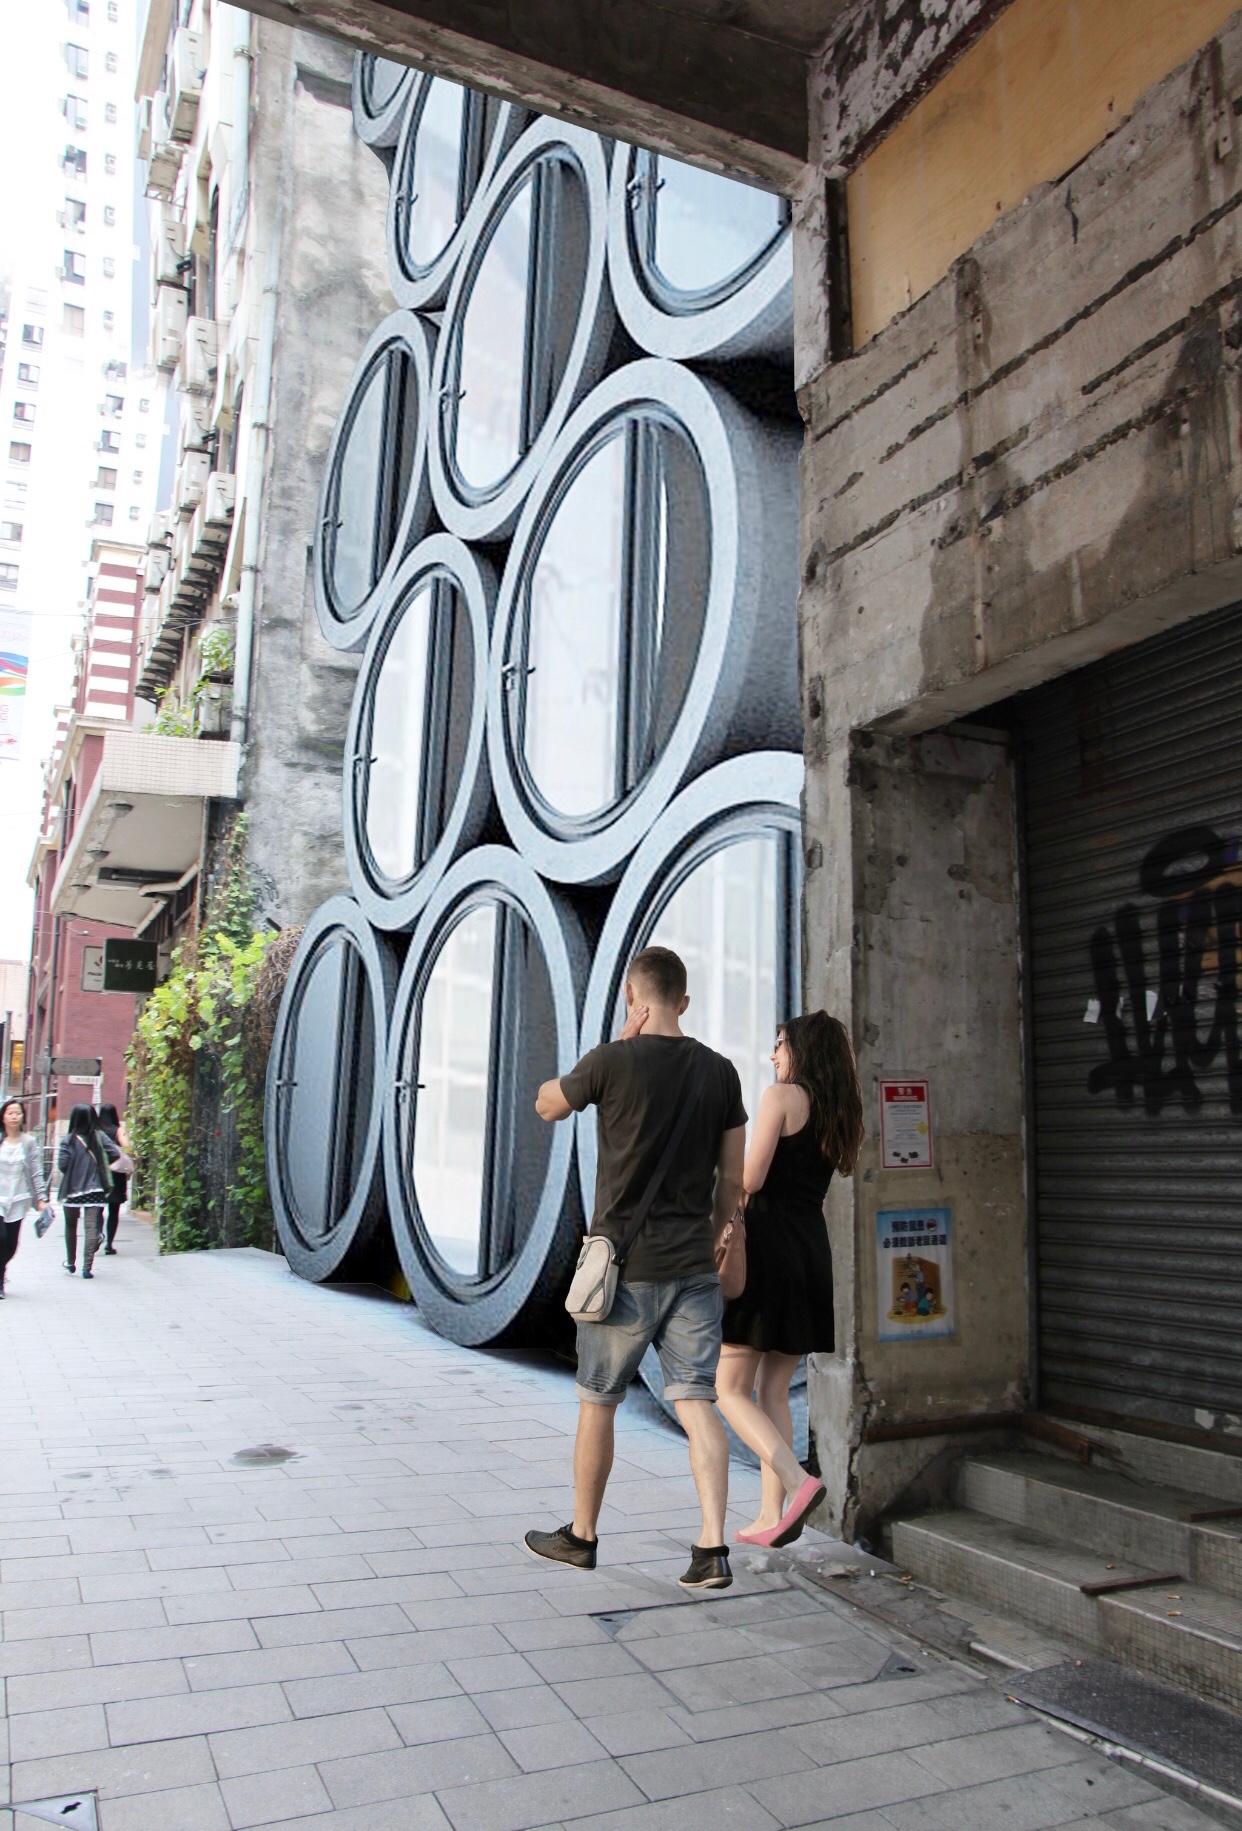 Cet architecte transforme des tuyaux en béton en mini-appartements contre la crise du logement